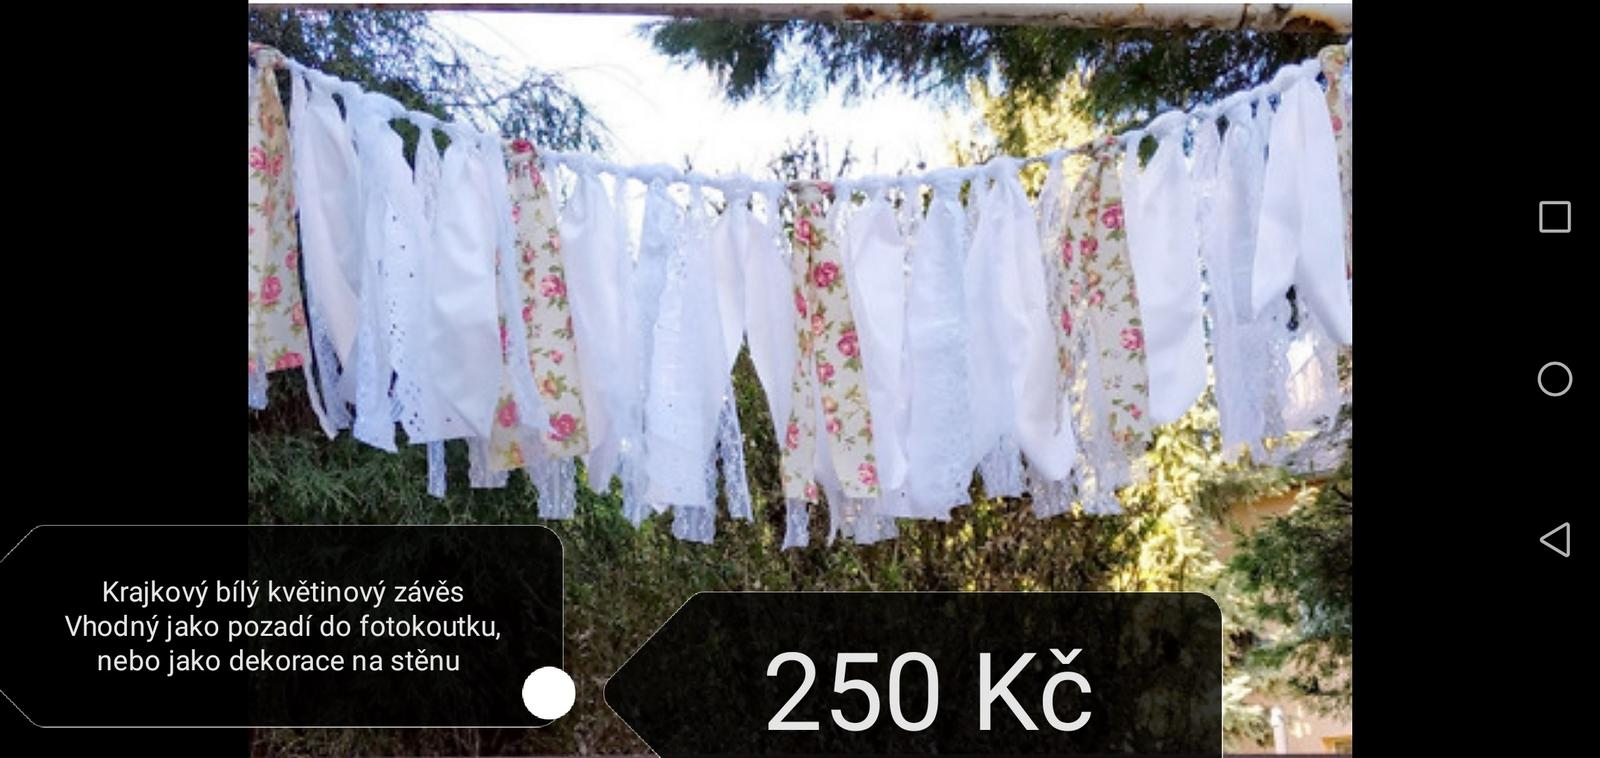 Krajkový bílý květinový závěs - Obrázek č. 1